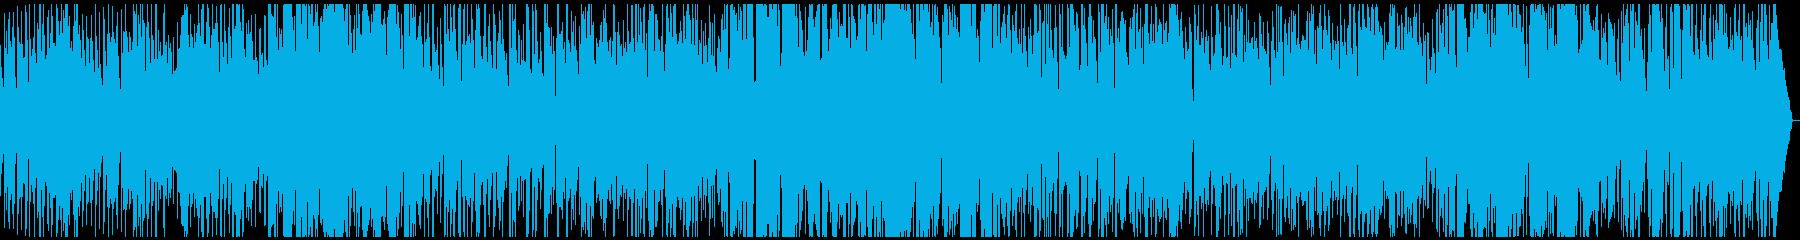 【生演奏】リラックスムードカフェボサノバの再生済みの波形